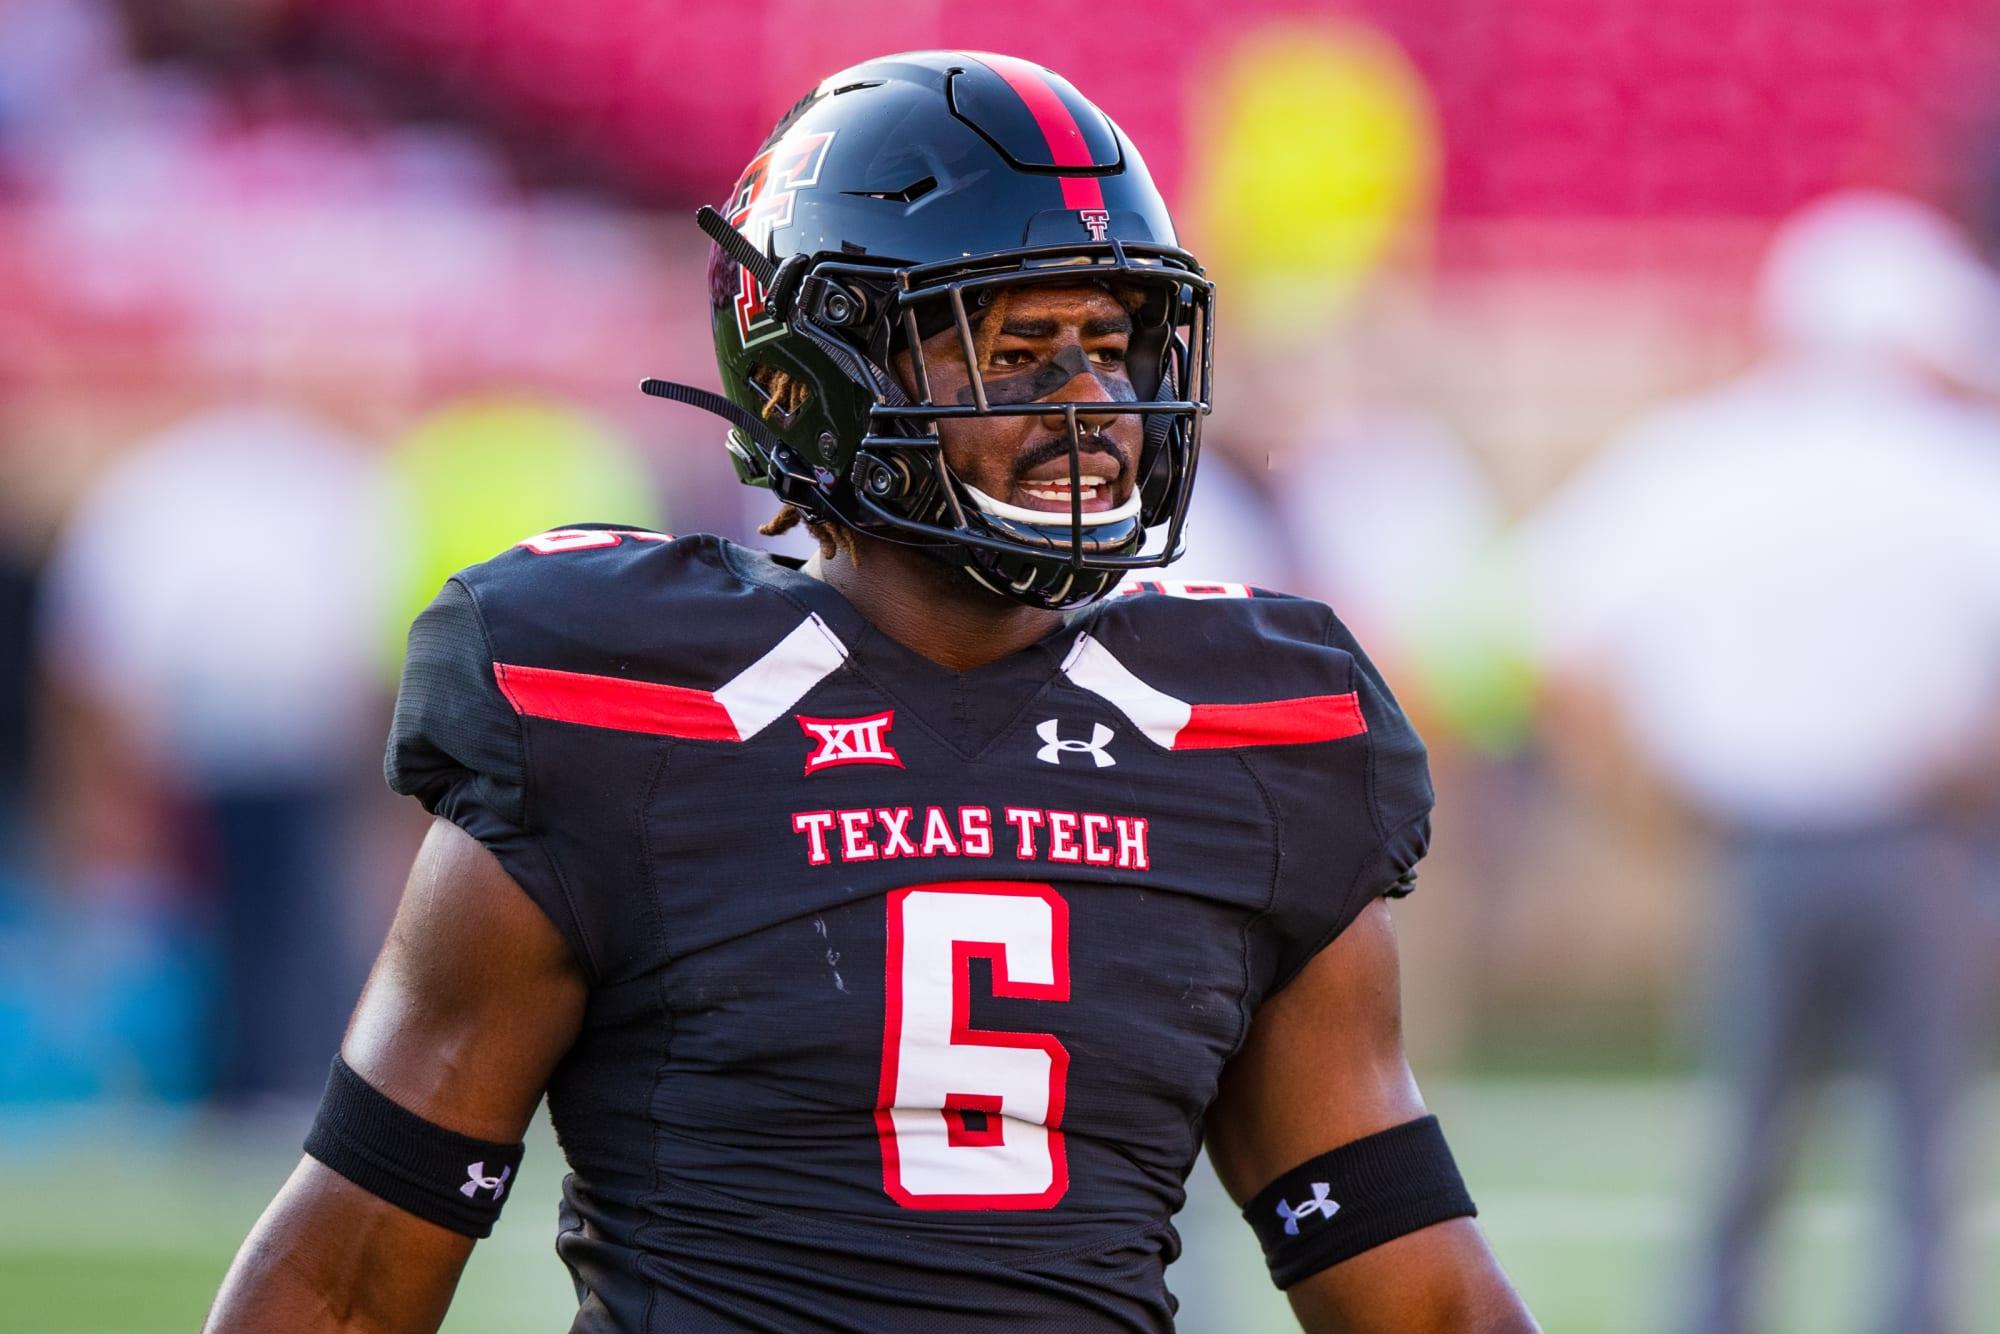 Texas Tech Football Red Raiders Will Host Houston Baptist To Open Season